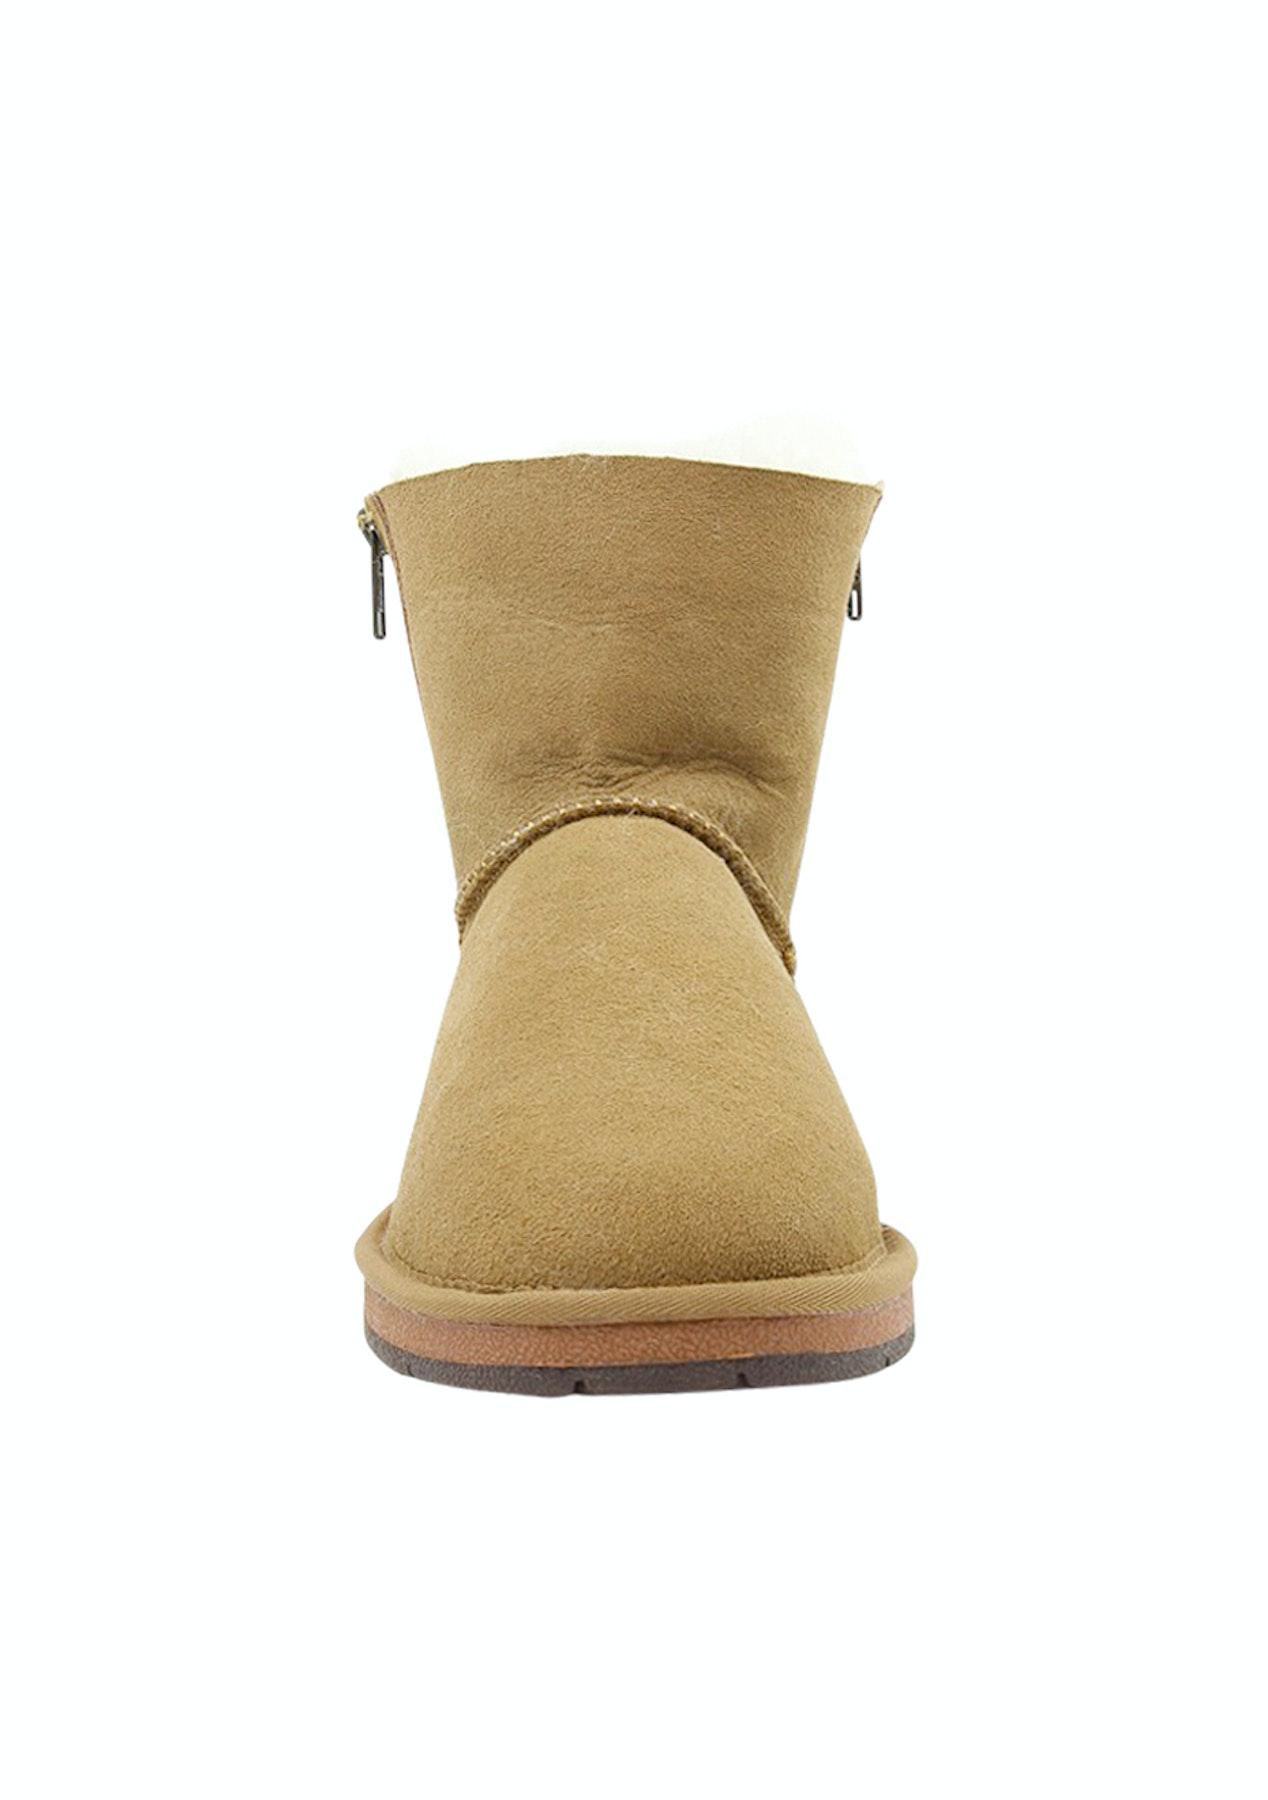 07d5d7ba374 Auzland Ugg Ankle Twin Zip Sheepskin Boots Berna Chestnut Women's